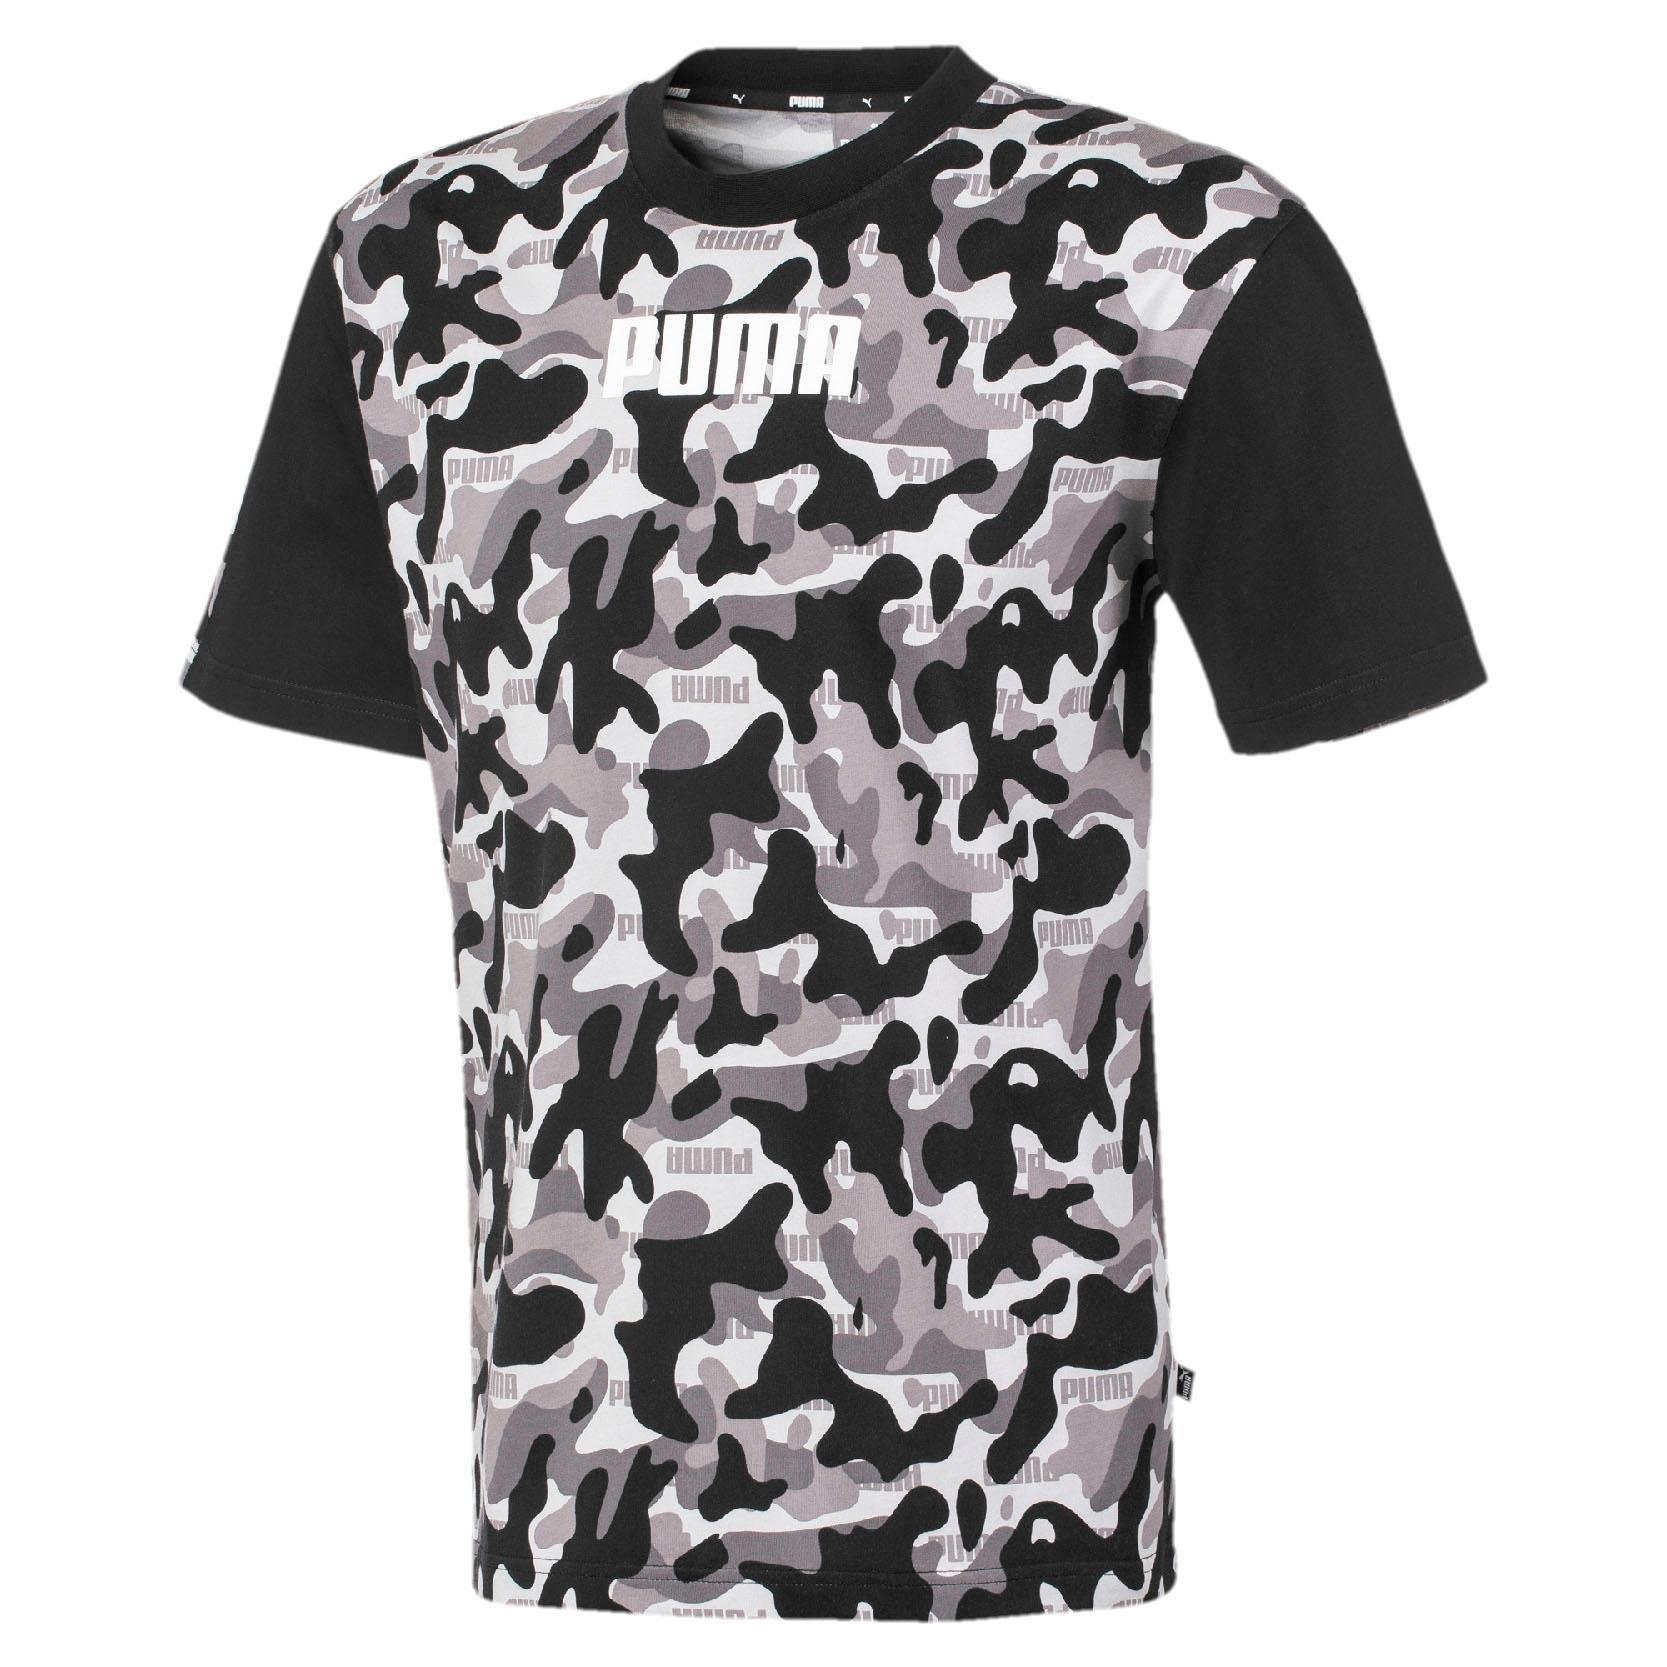 Puma T-shirt »Rebel CAMO Fill Tee« voordelig en veilig online kopen